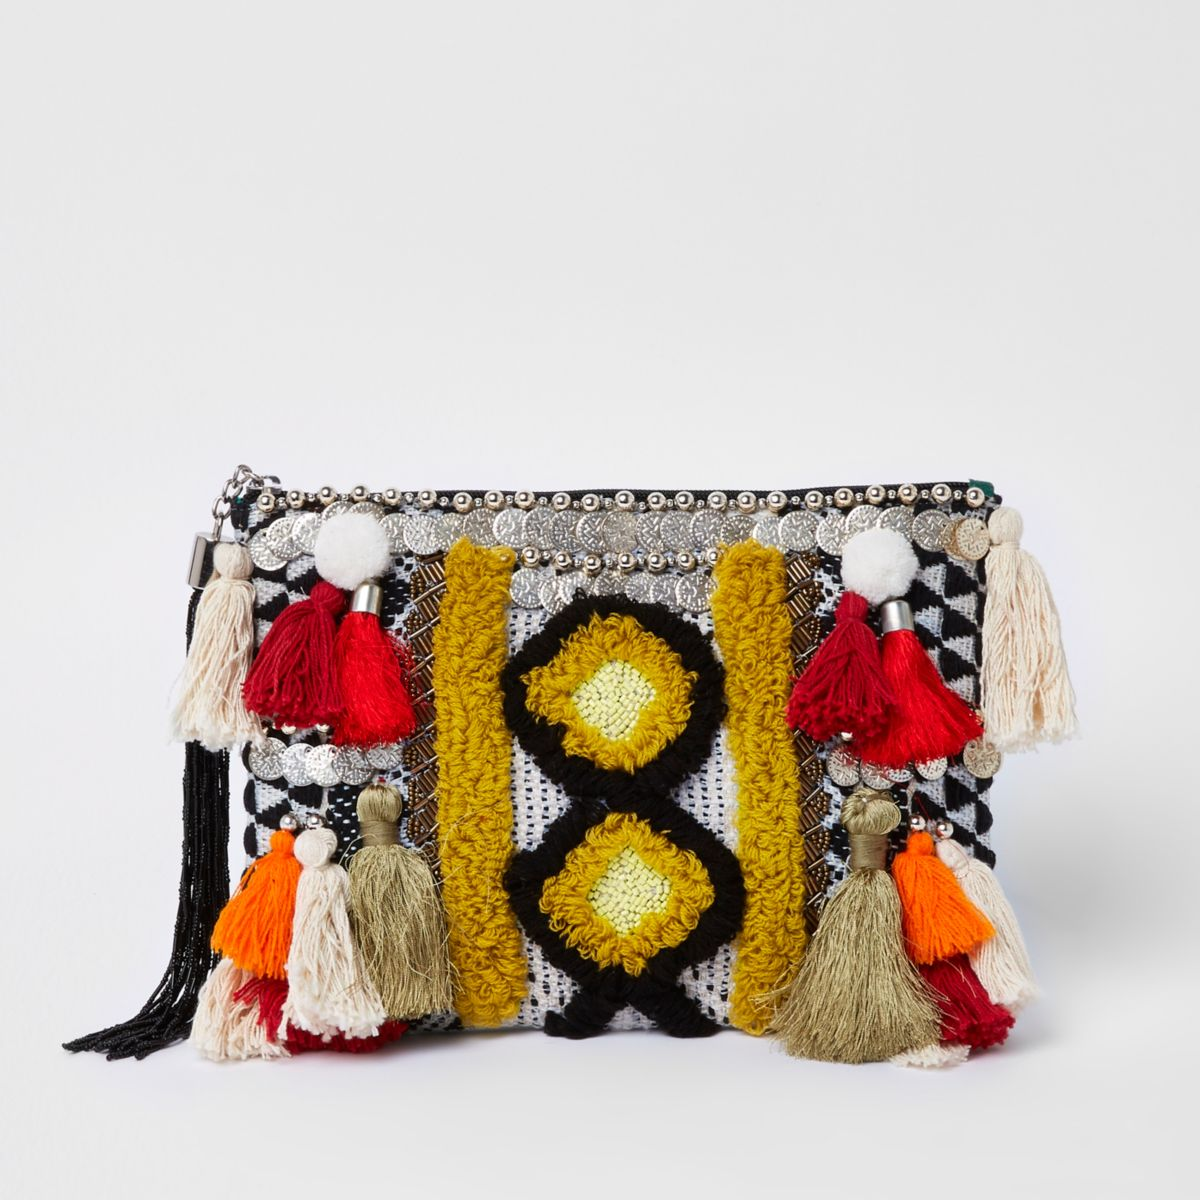 Black embellished jacquard pouch clutch bag